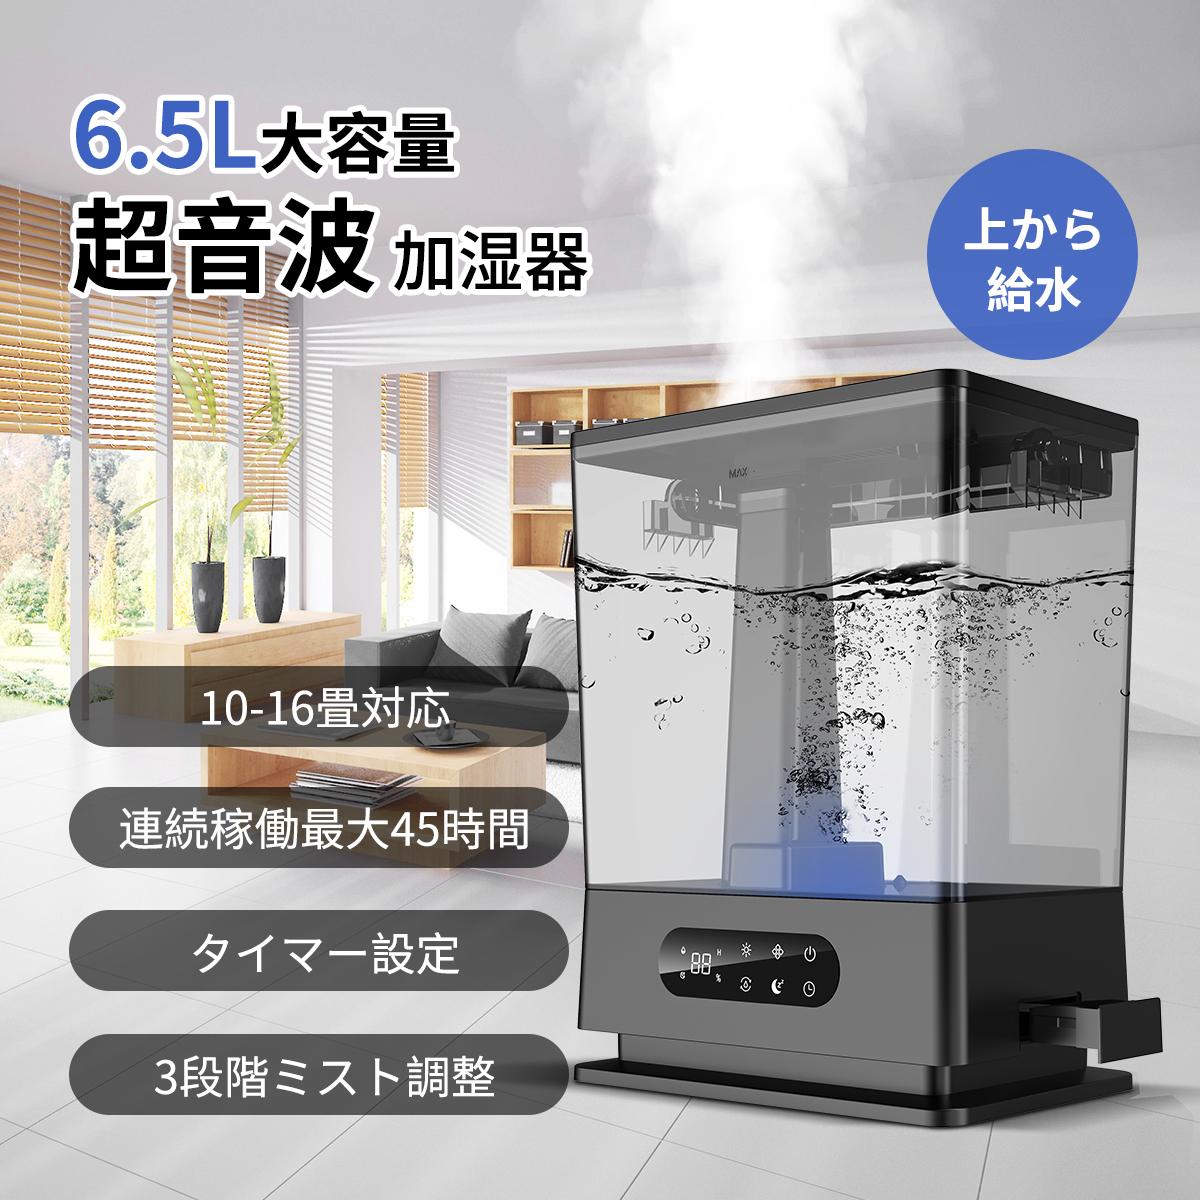 2021年最新版 卓上超音波式 6.5L大容量加湿器 上部給水式 アロマディフューザー タッチパネル 最大加湿量280ml h 手数料無料 48時間連続加湿 送料無料 KLOUDIC 加湿器 卓上 超音波 最新 気化式加湿器 アロマ おやすみモード 恒湿モード 3段階ミスト 居間 空焚き防止 6.5L大容量 おしゃれ 寝室 メモリー機能 花粉対策 オフィス タイマー 上から給水 乾燥防止 超静音